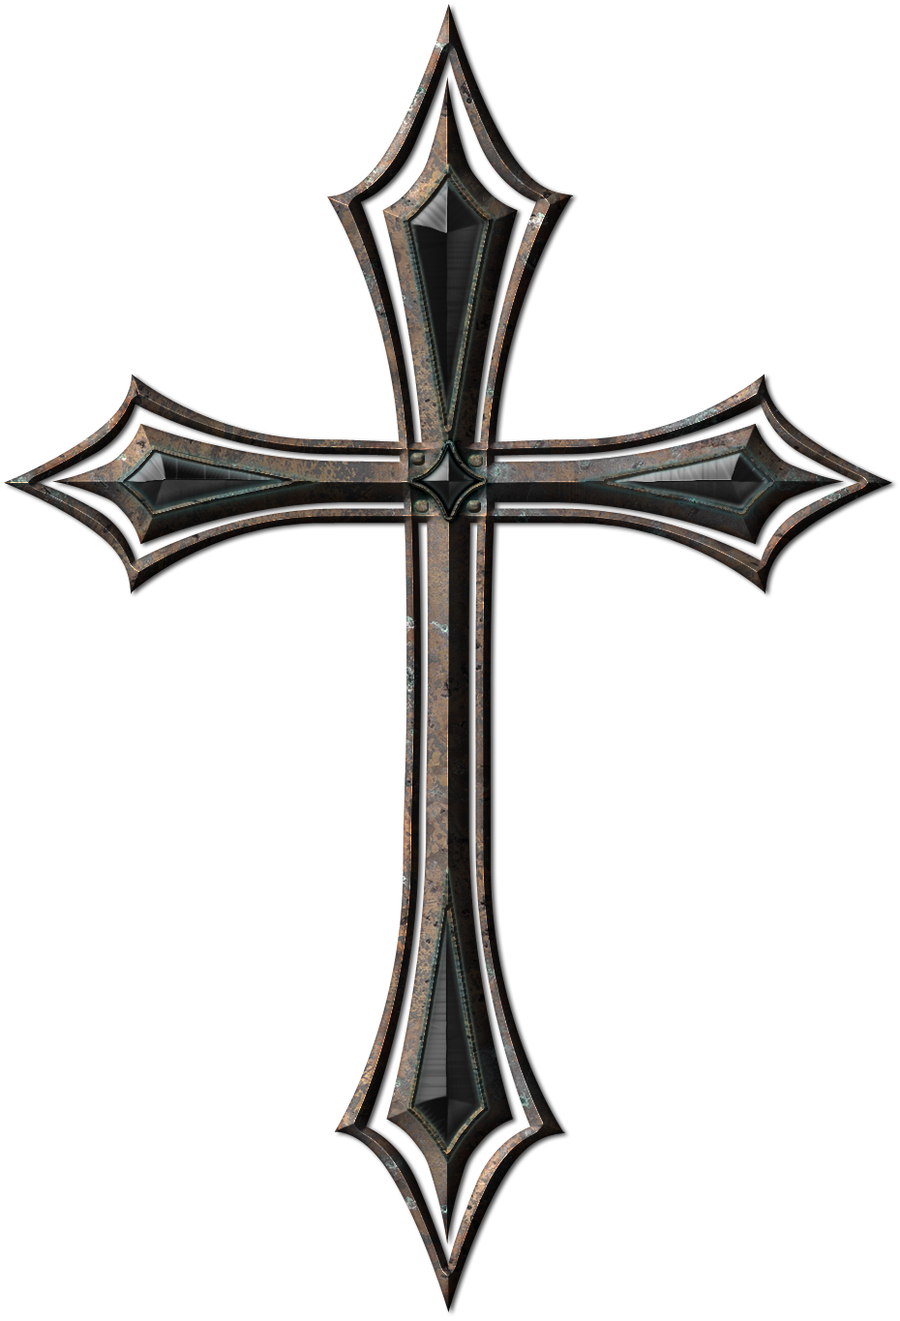 Old Metal Cross By Jojo Ojoj On Deviantart